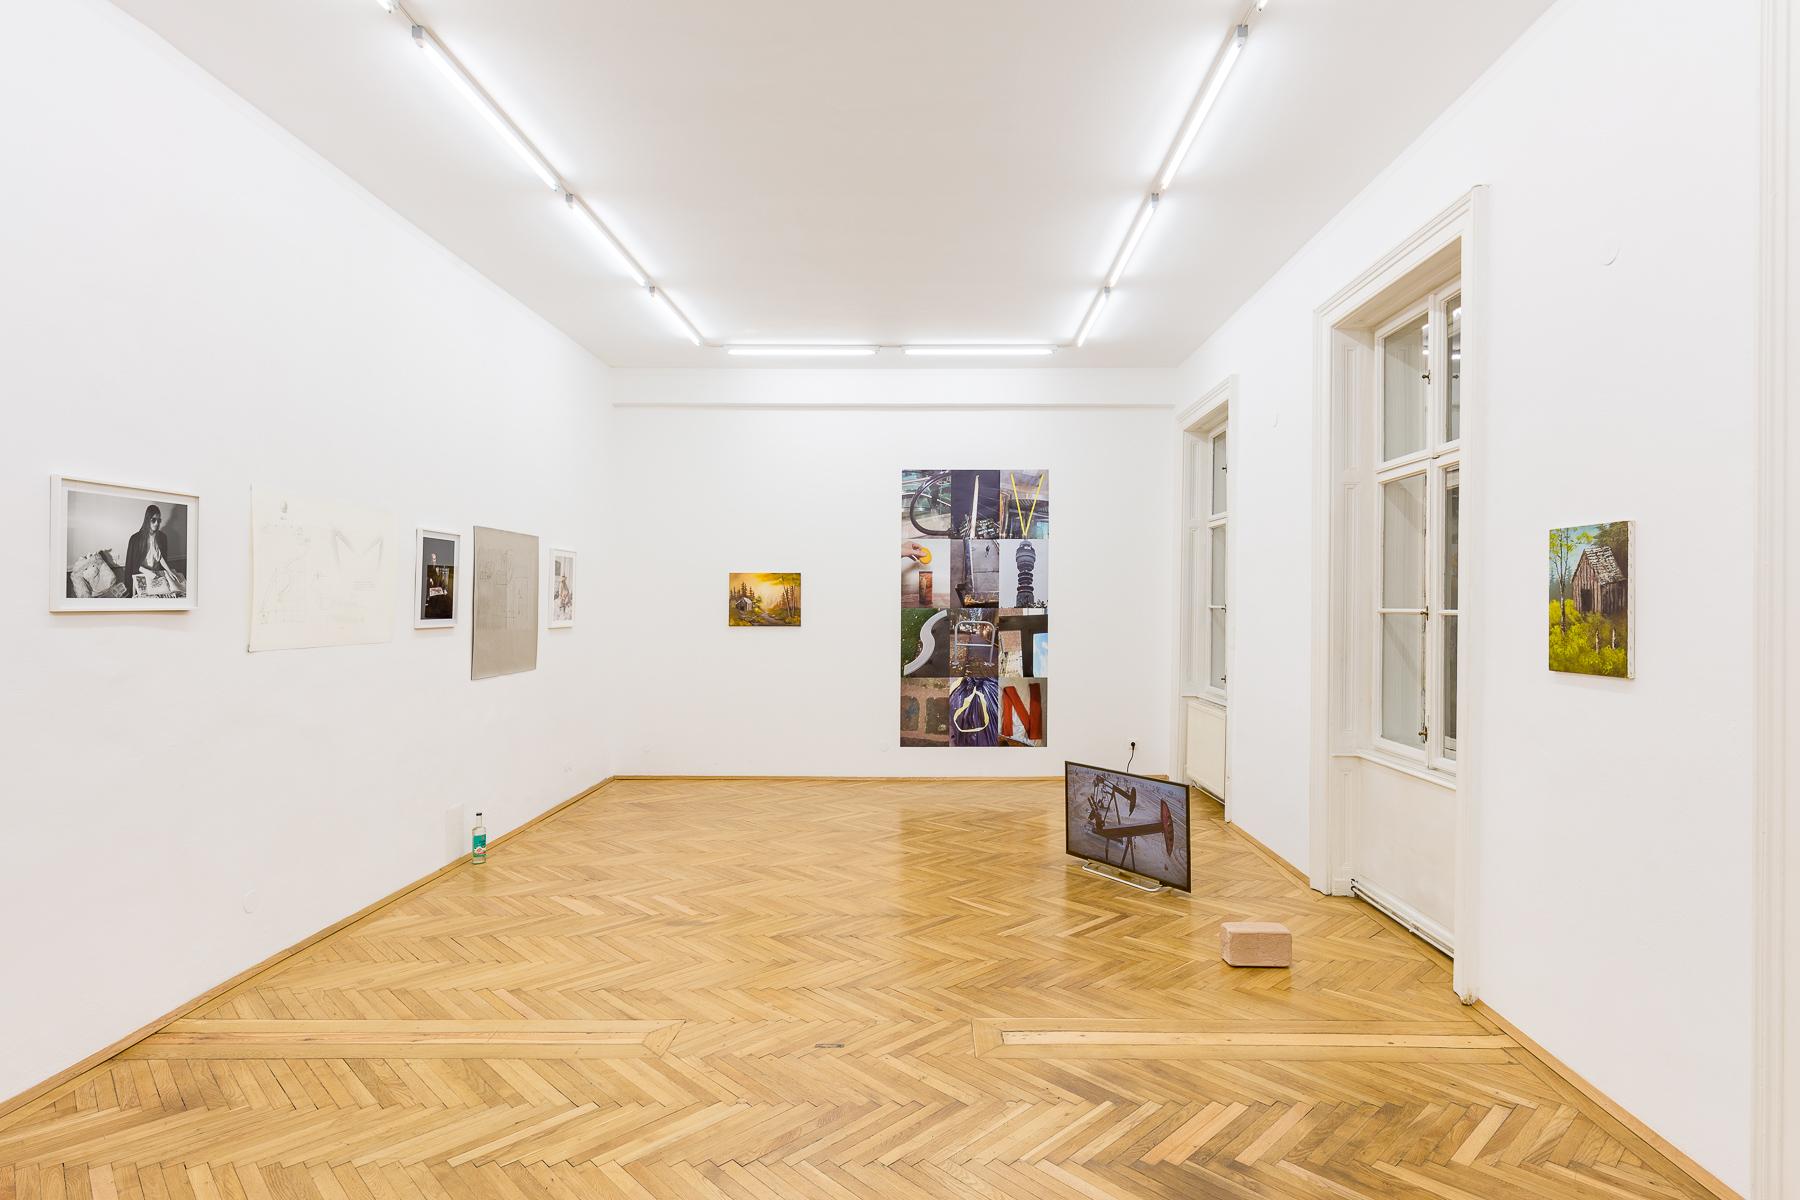 2019_03_13_Groupshow_Felix-Gaudlitz_kunst-dokumentation-com_016_web.jpg